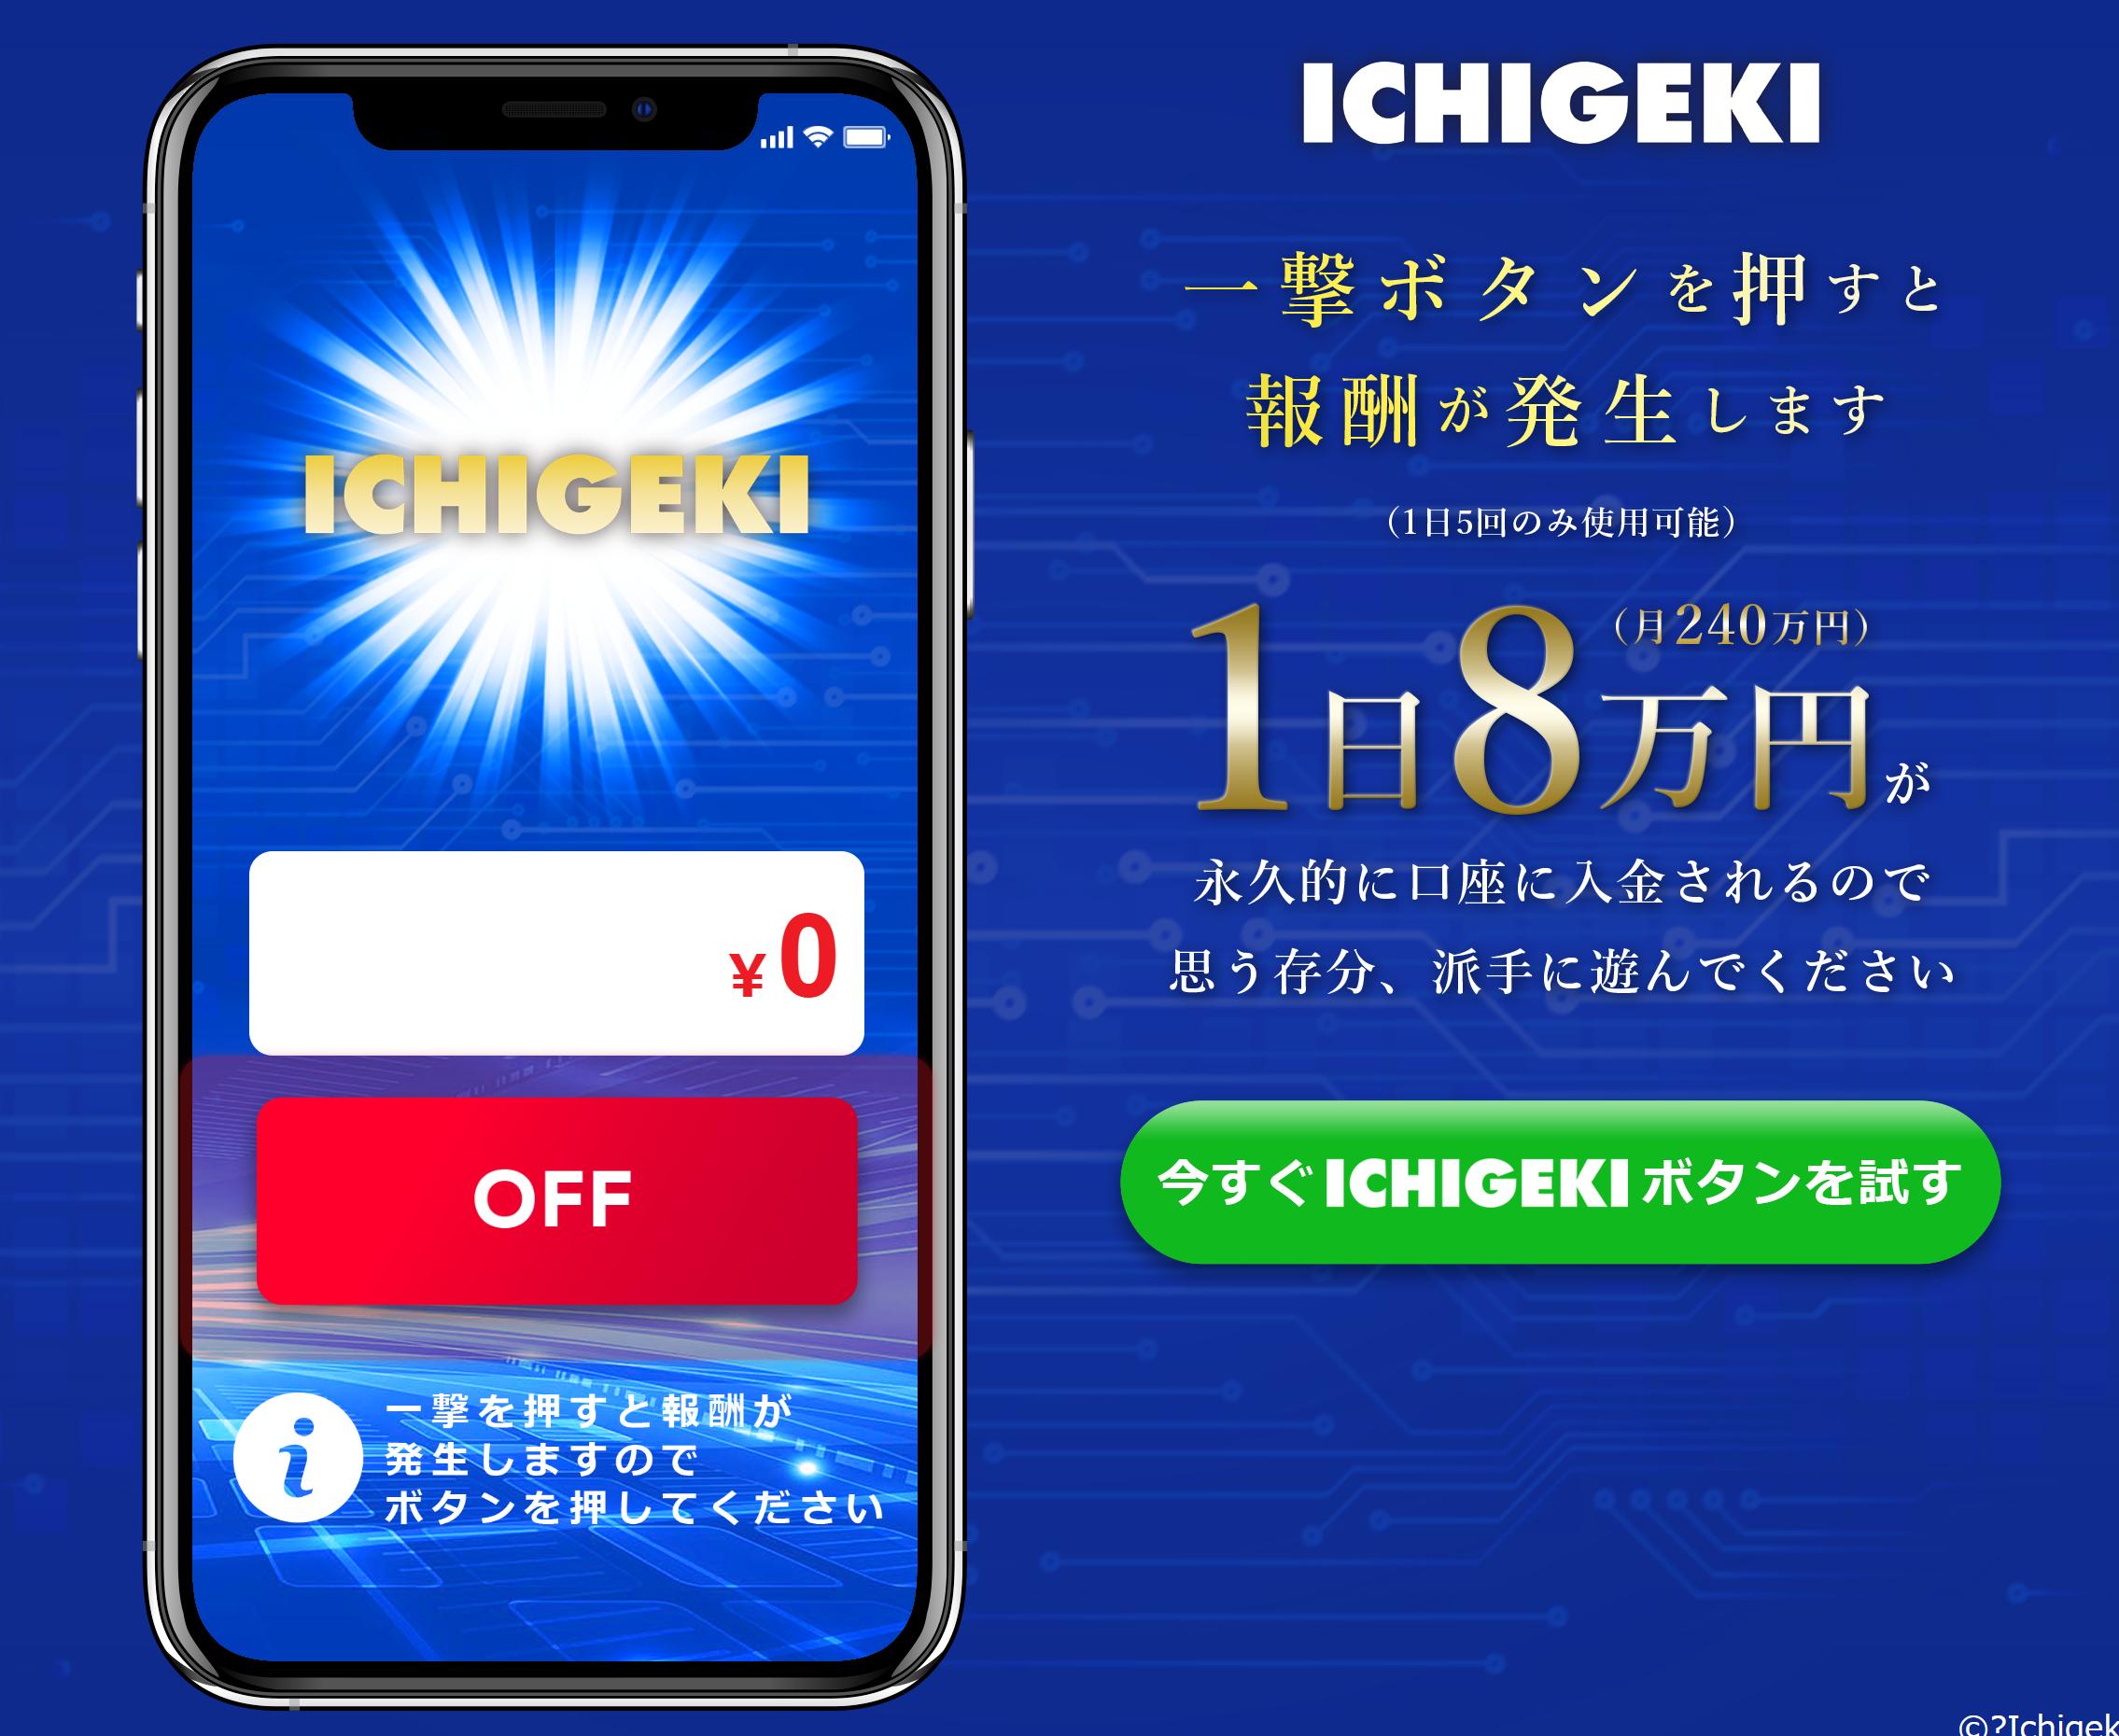 斎藤忠義 ICHIGEKI募集レター